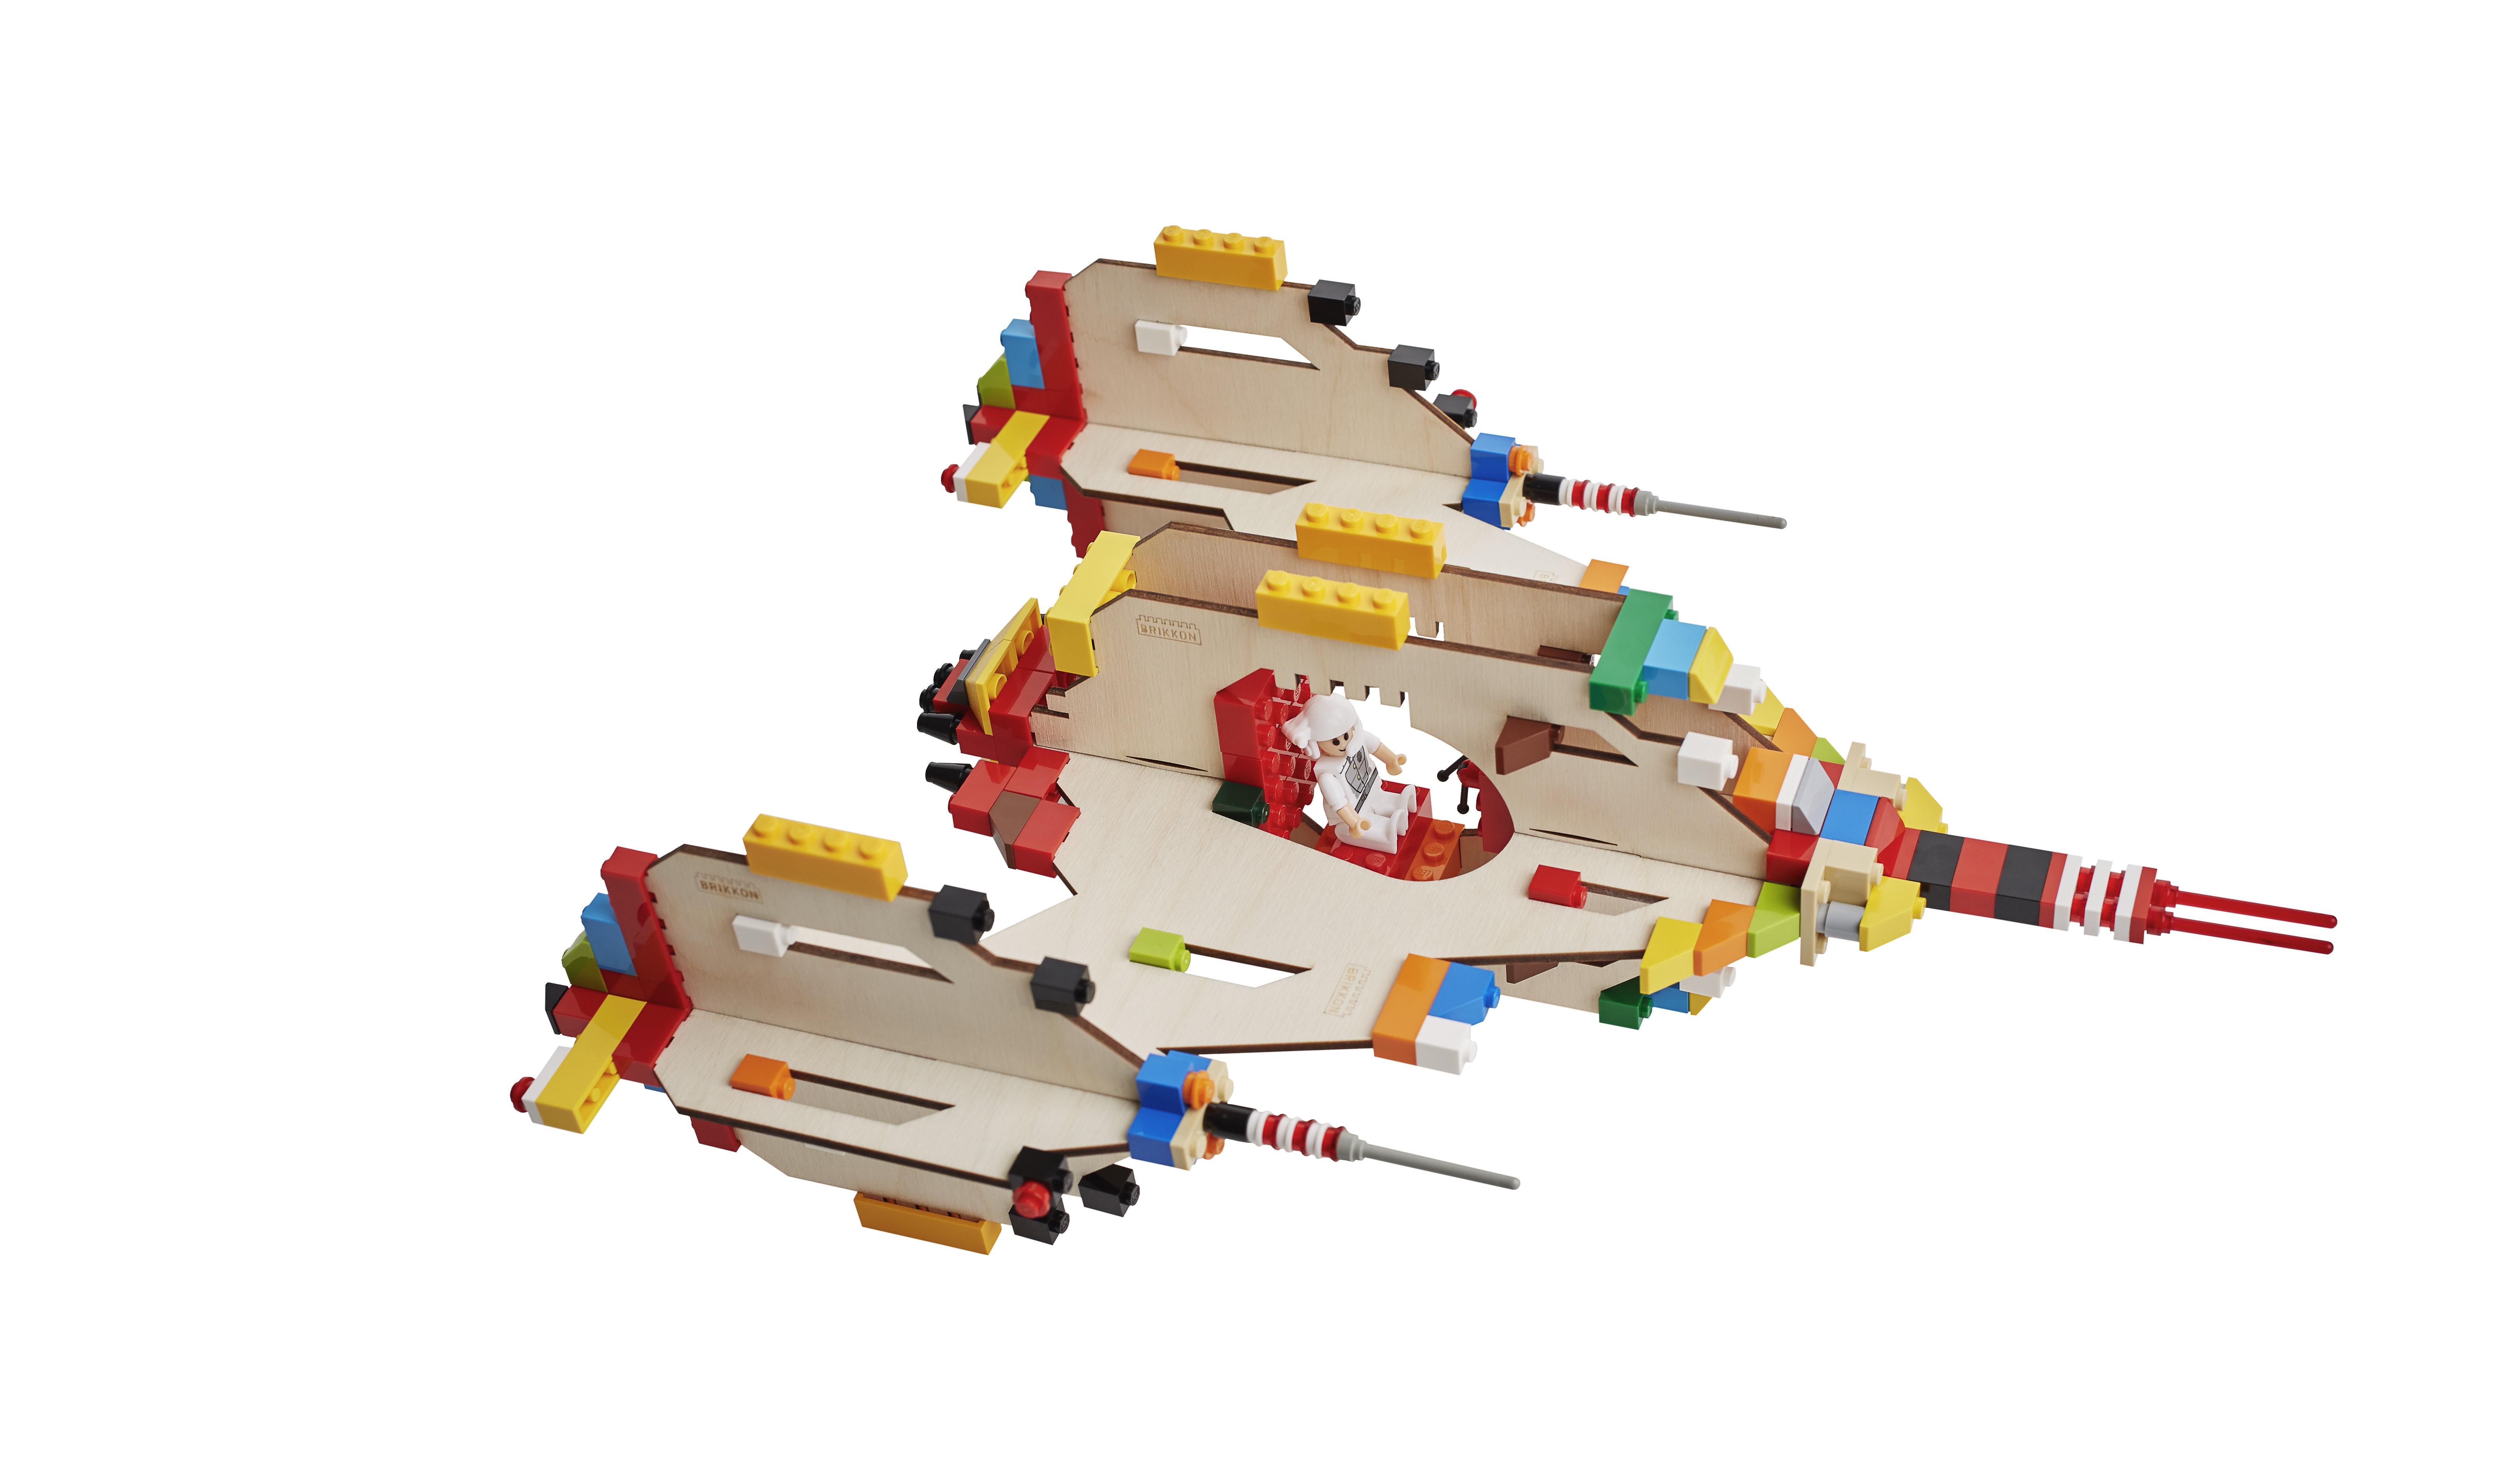 Bouwplaat Ruimteschip - Brikkon